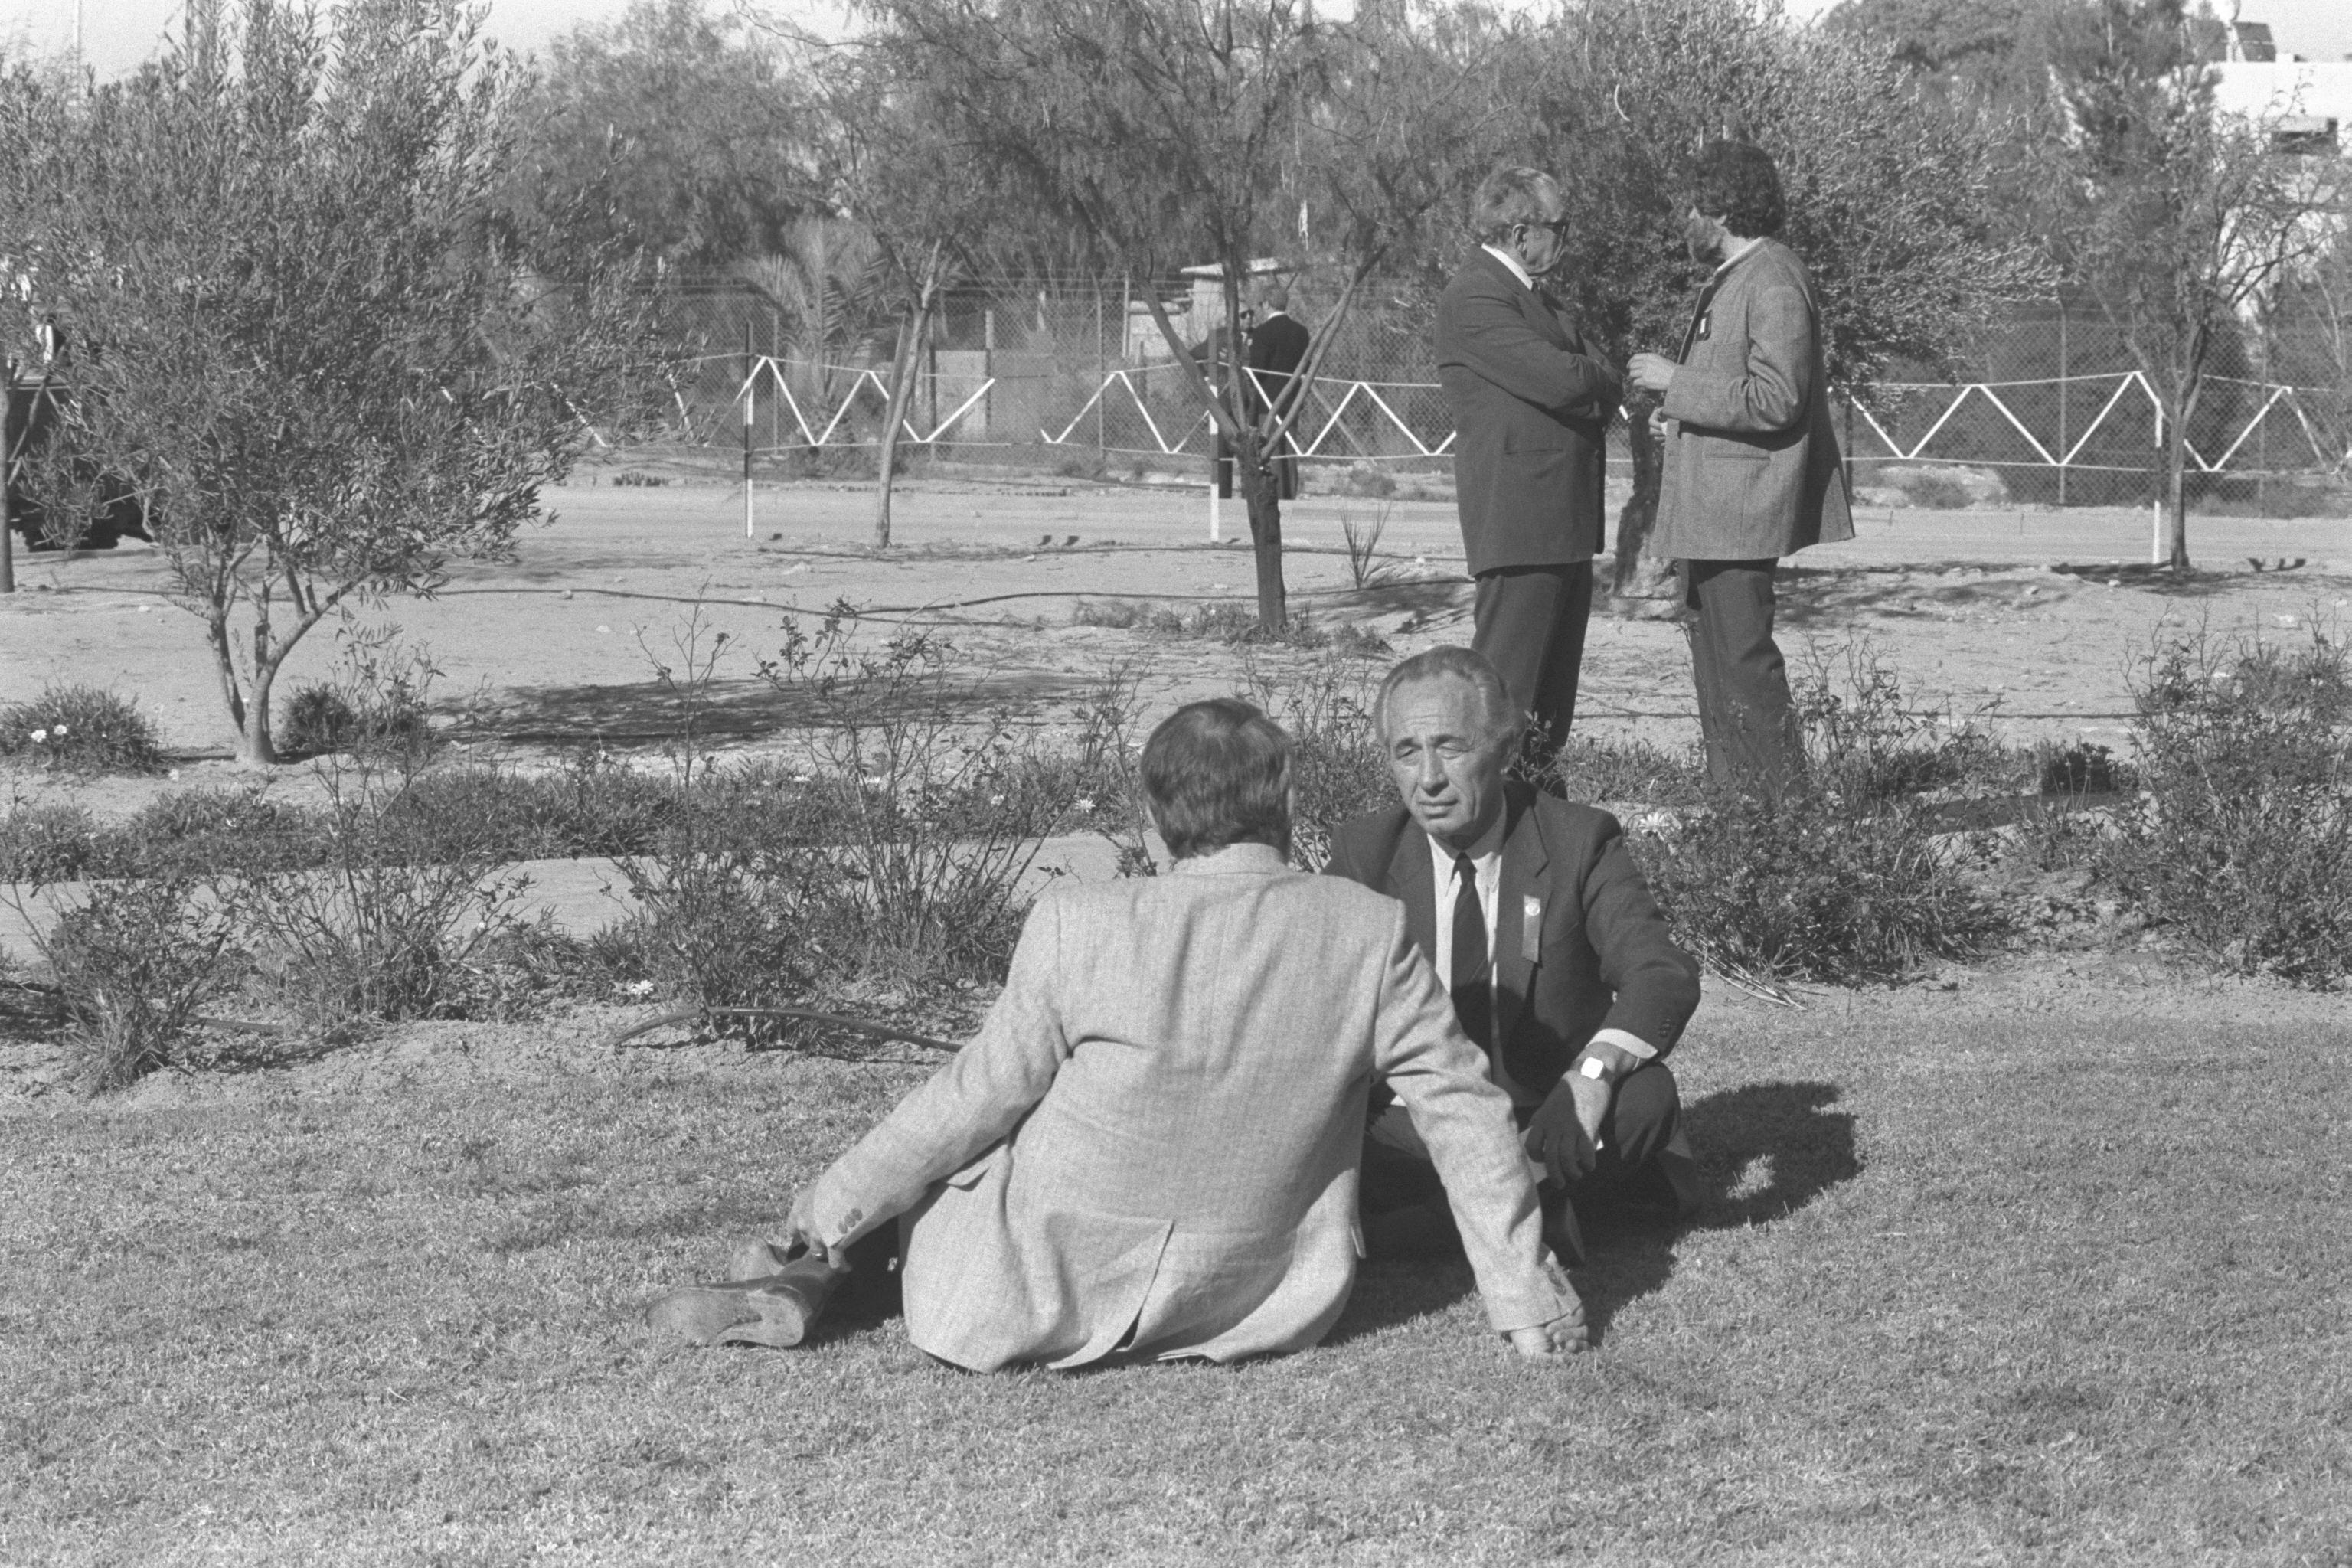 Szimon Peres rozmawia z jednym z nauczycieli na trawniku przed kolegium Sde Boker, 1986 r. Zdj. Flickr - Government Press Office (GMO)